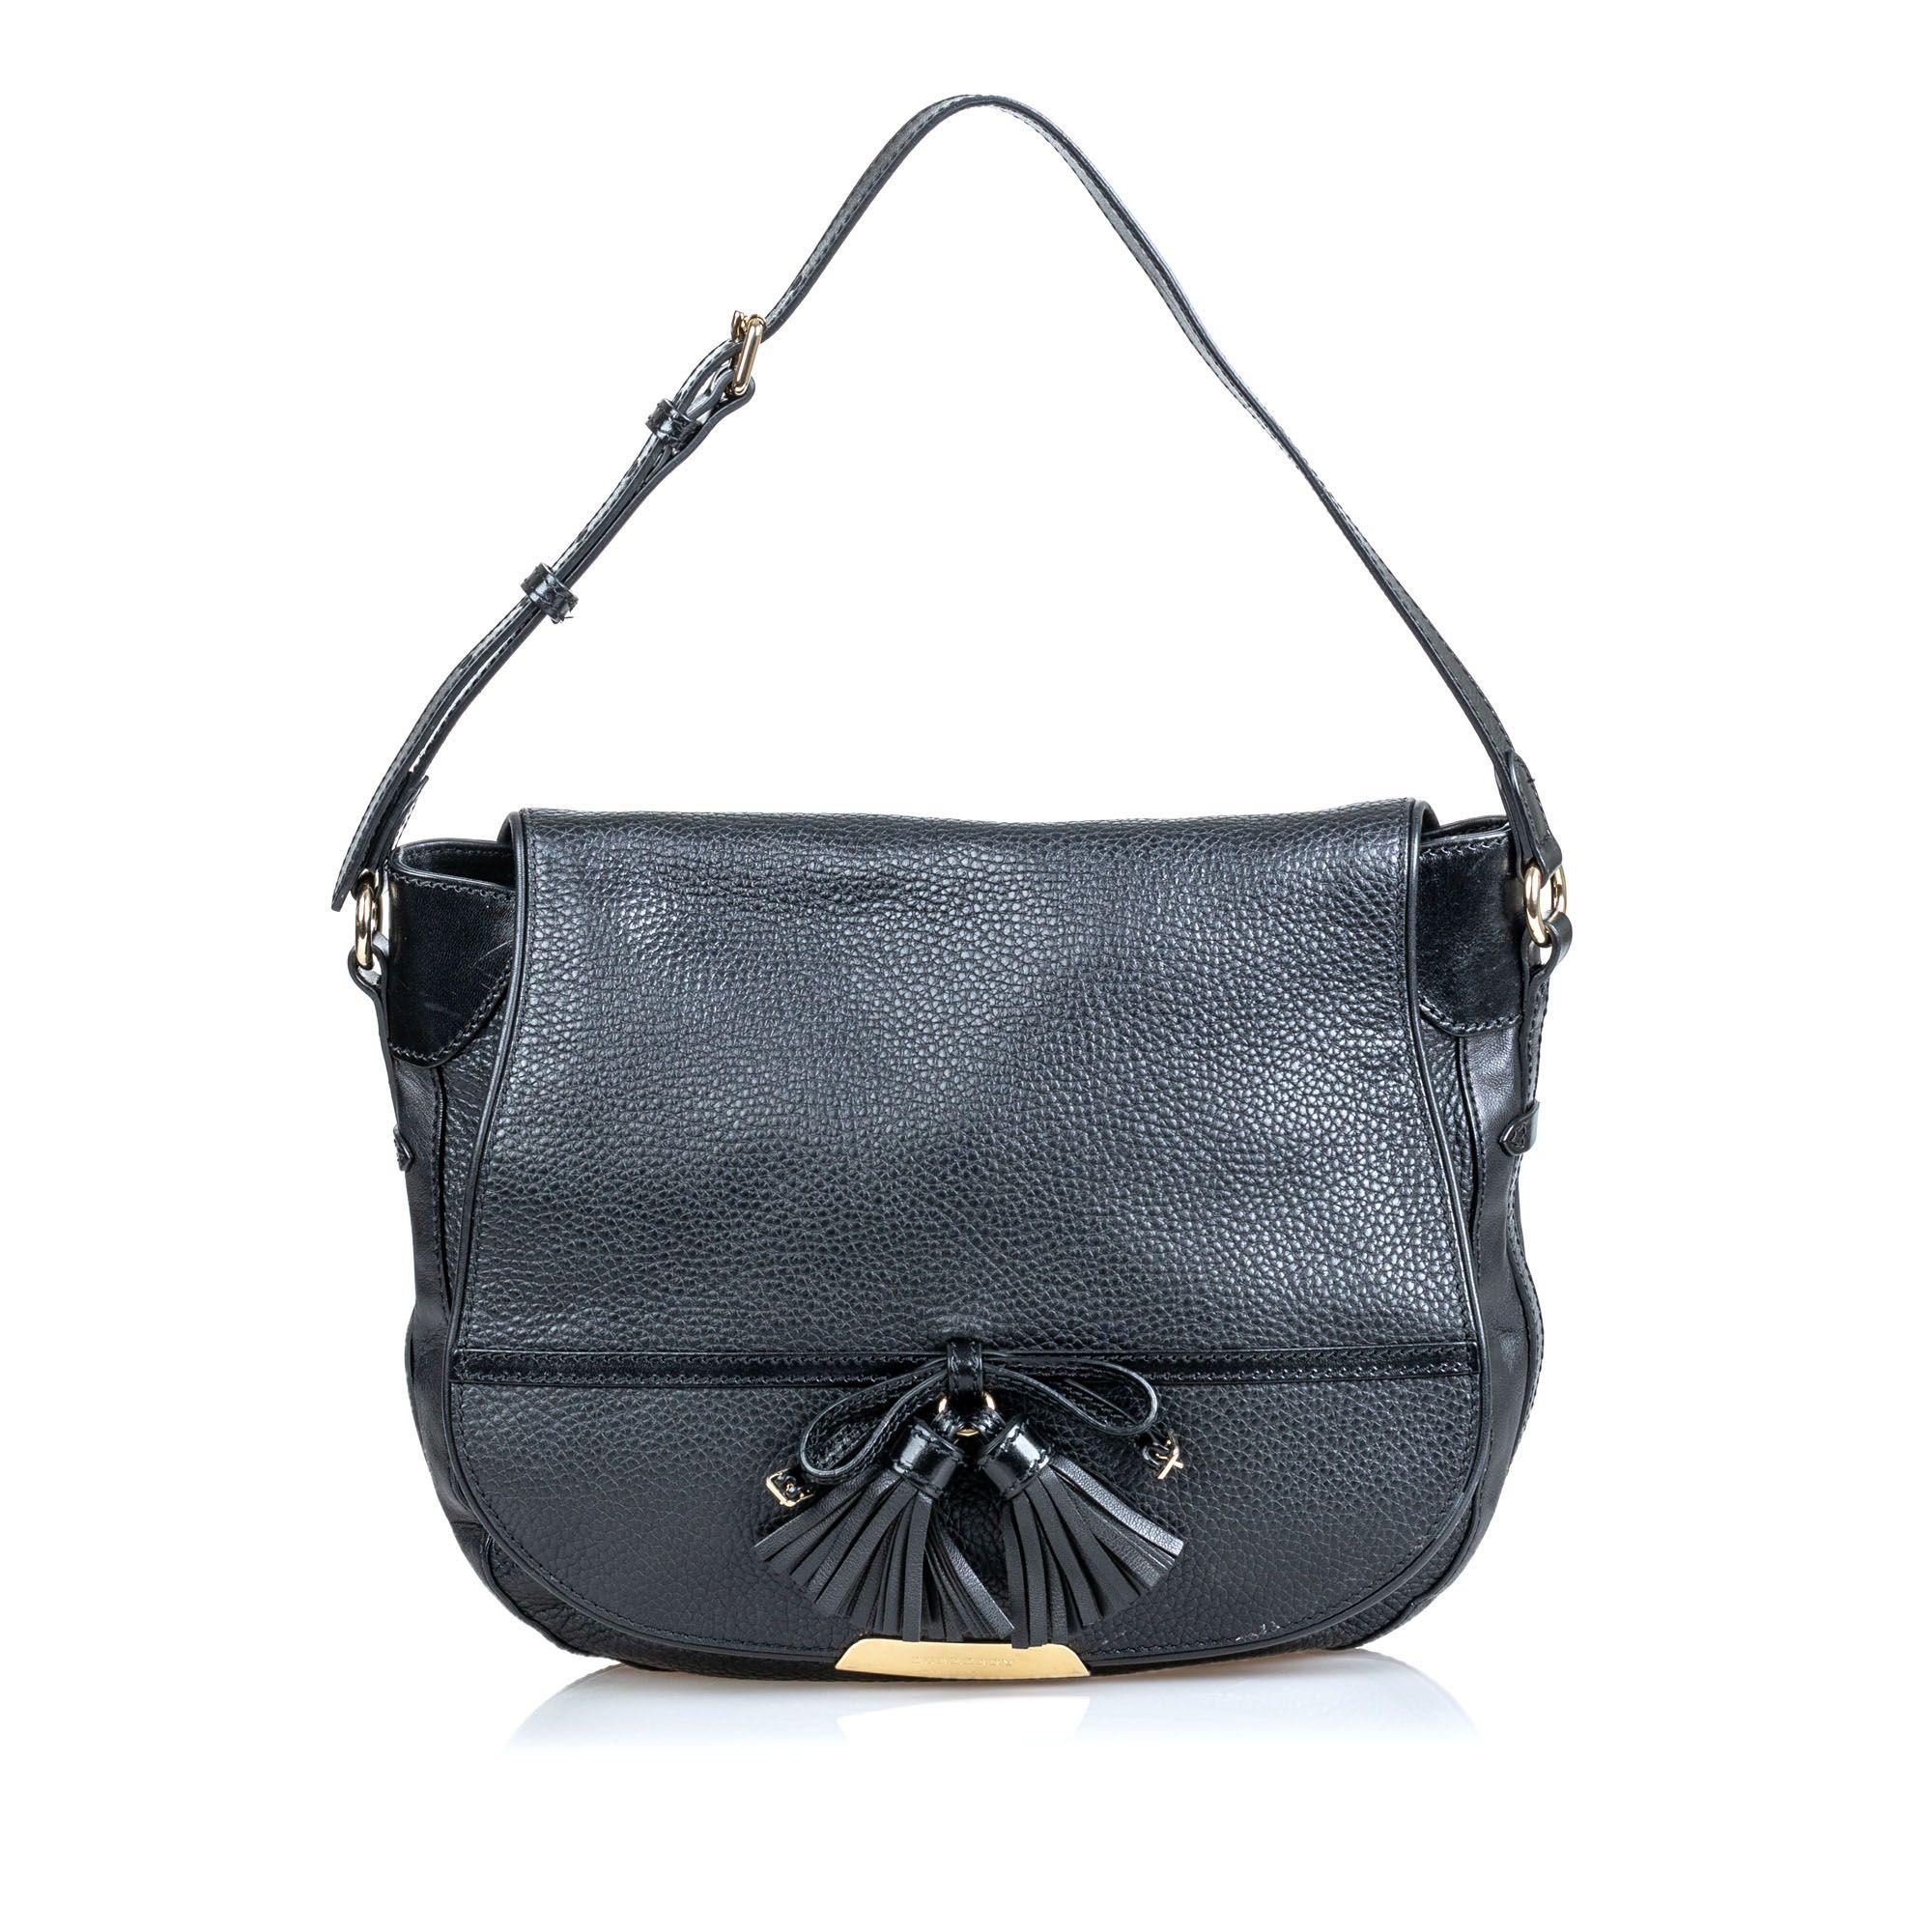 Vintage Burberry Leather Tassel Shoulder Bag Black